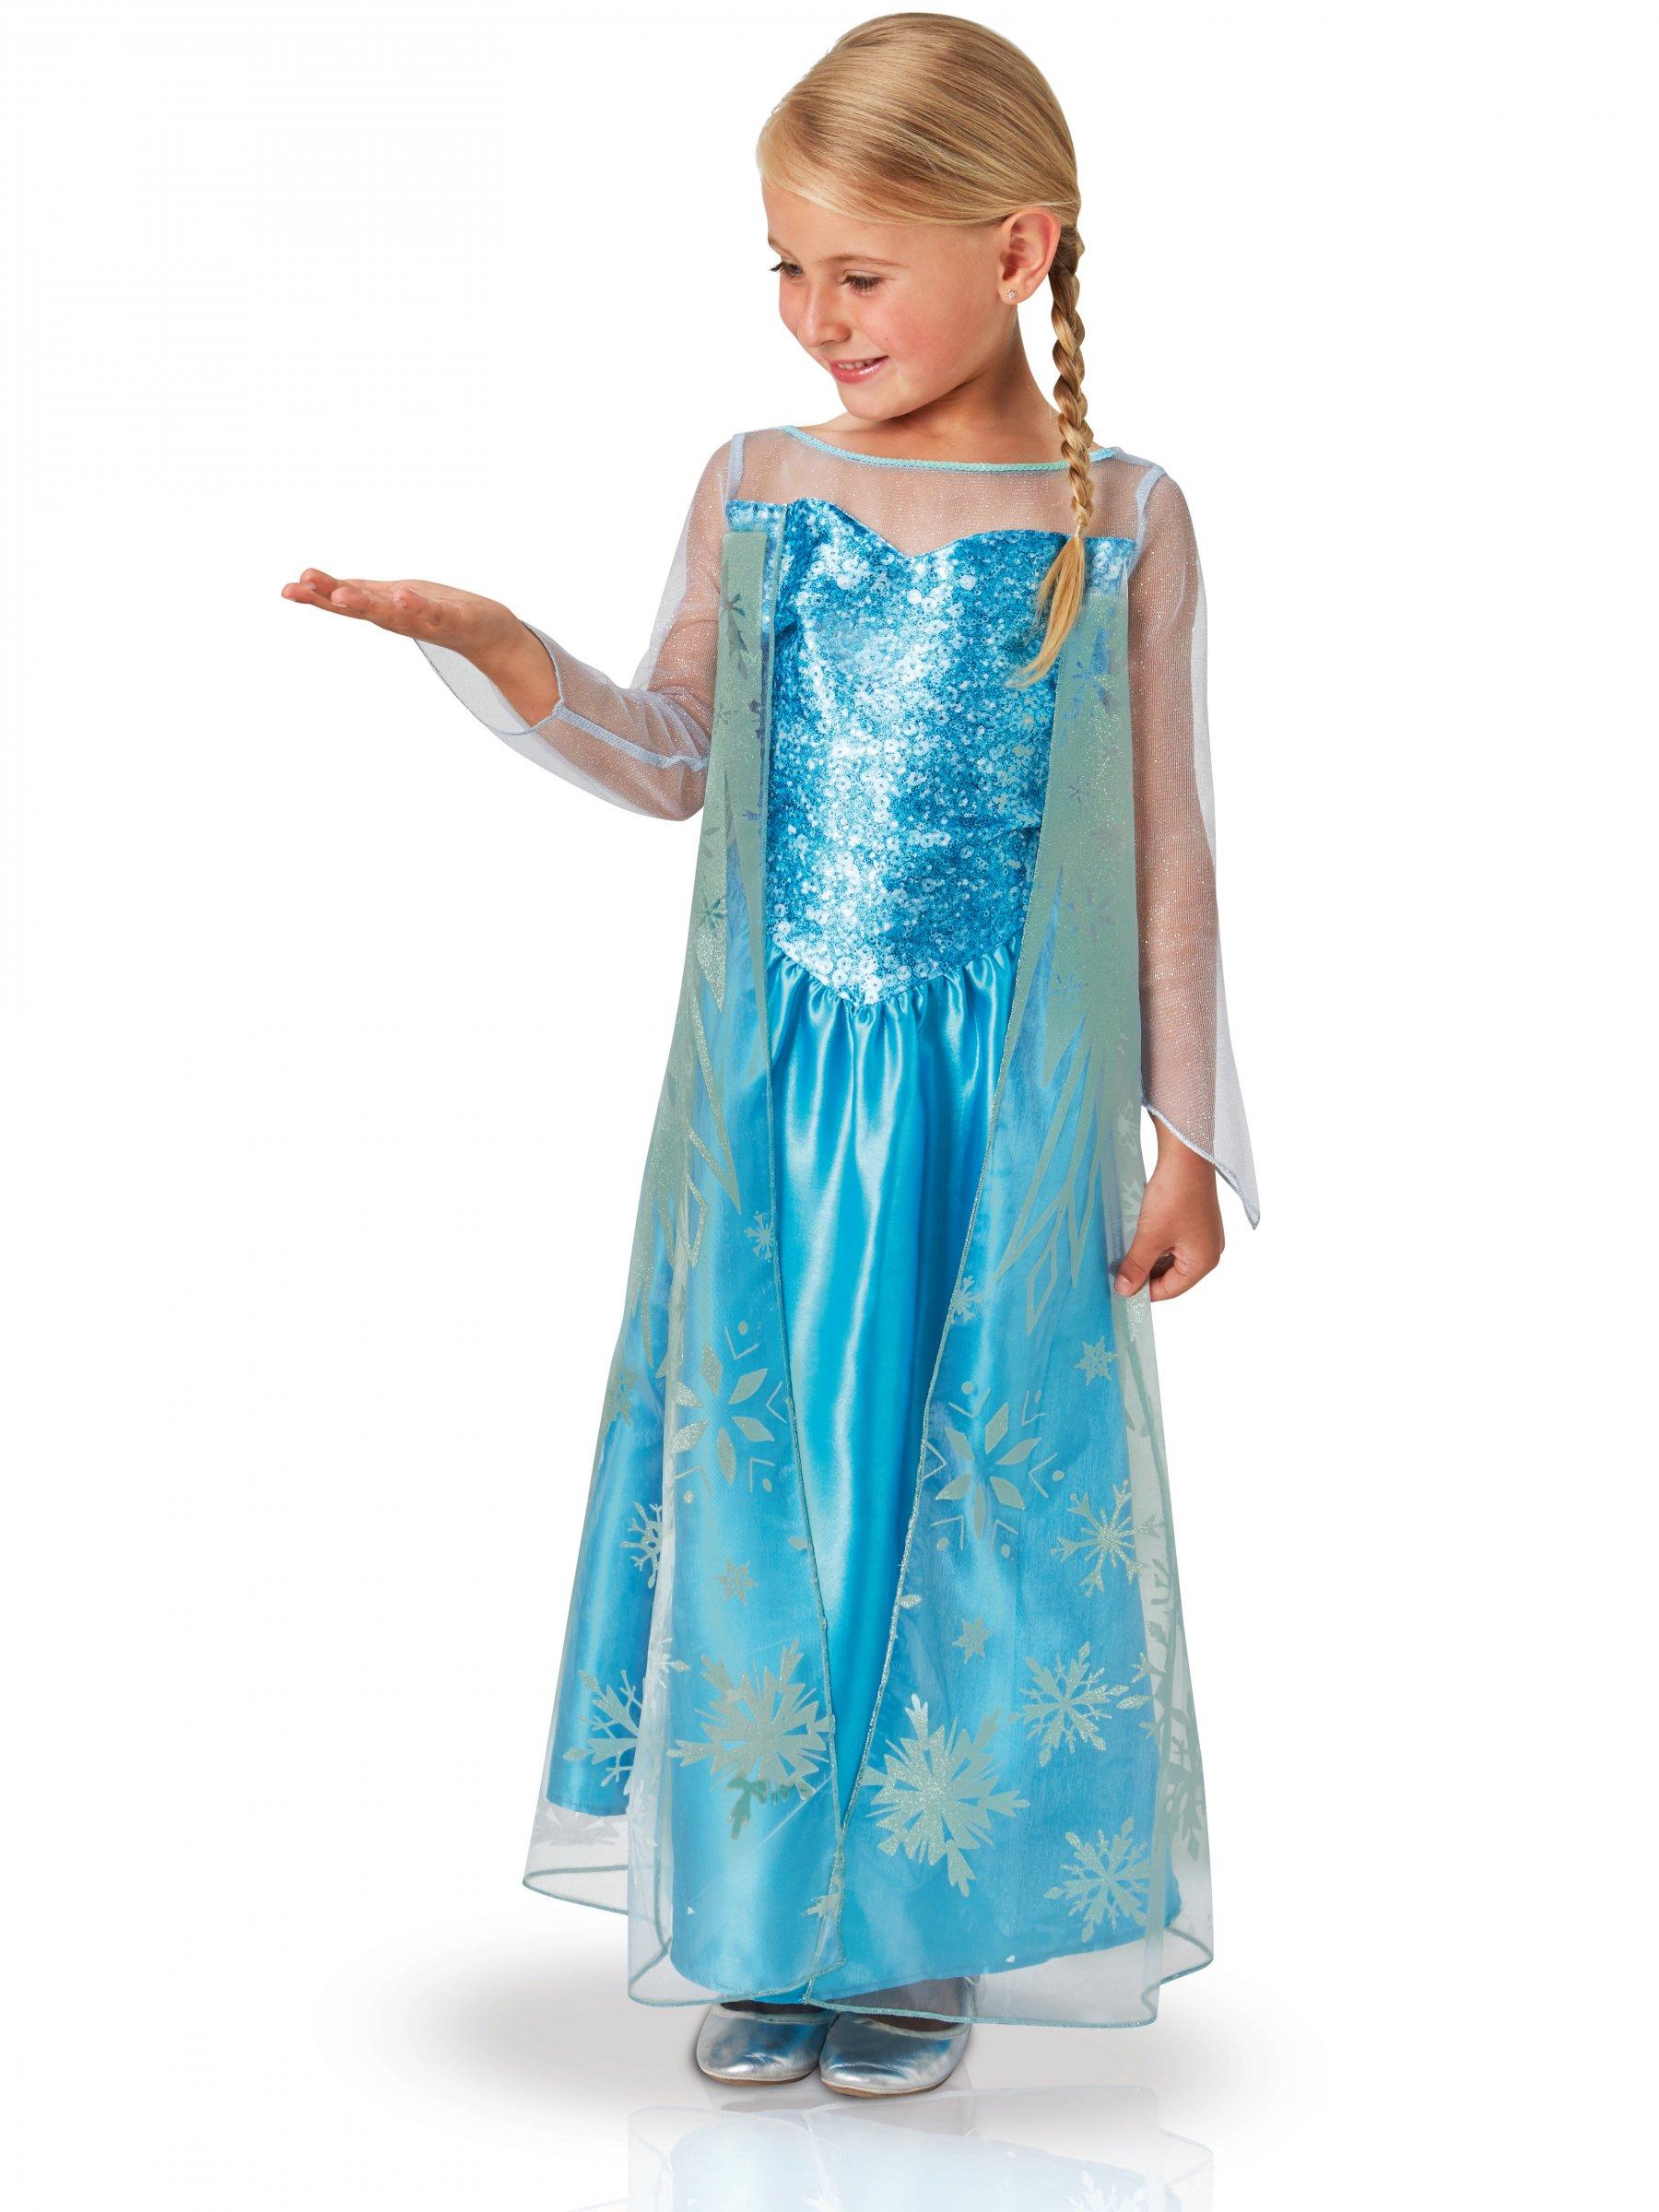 Disney Frozen Die Eiskonigin Elsa Kostum Fur Madchen